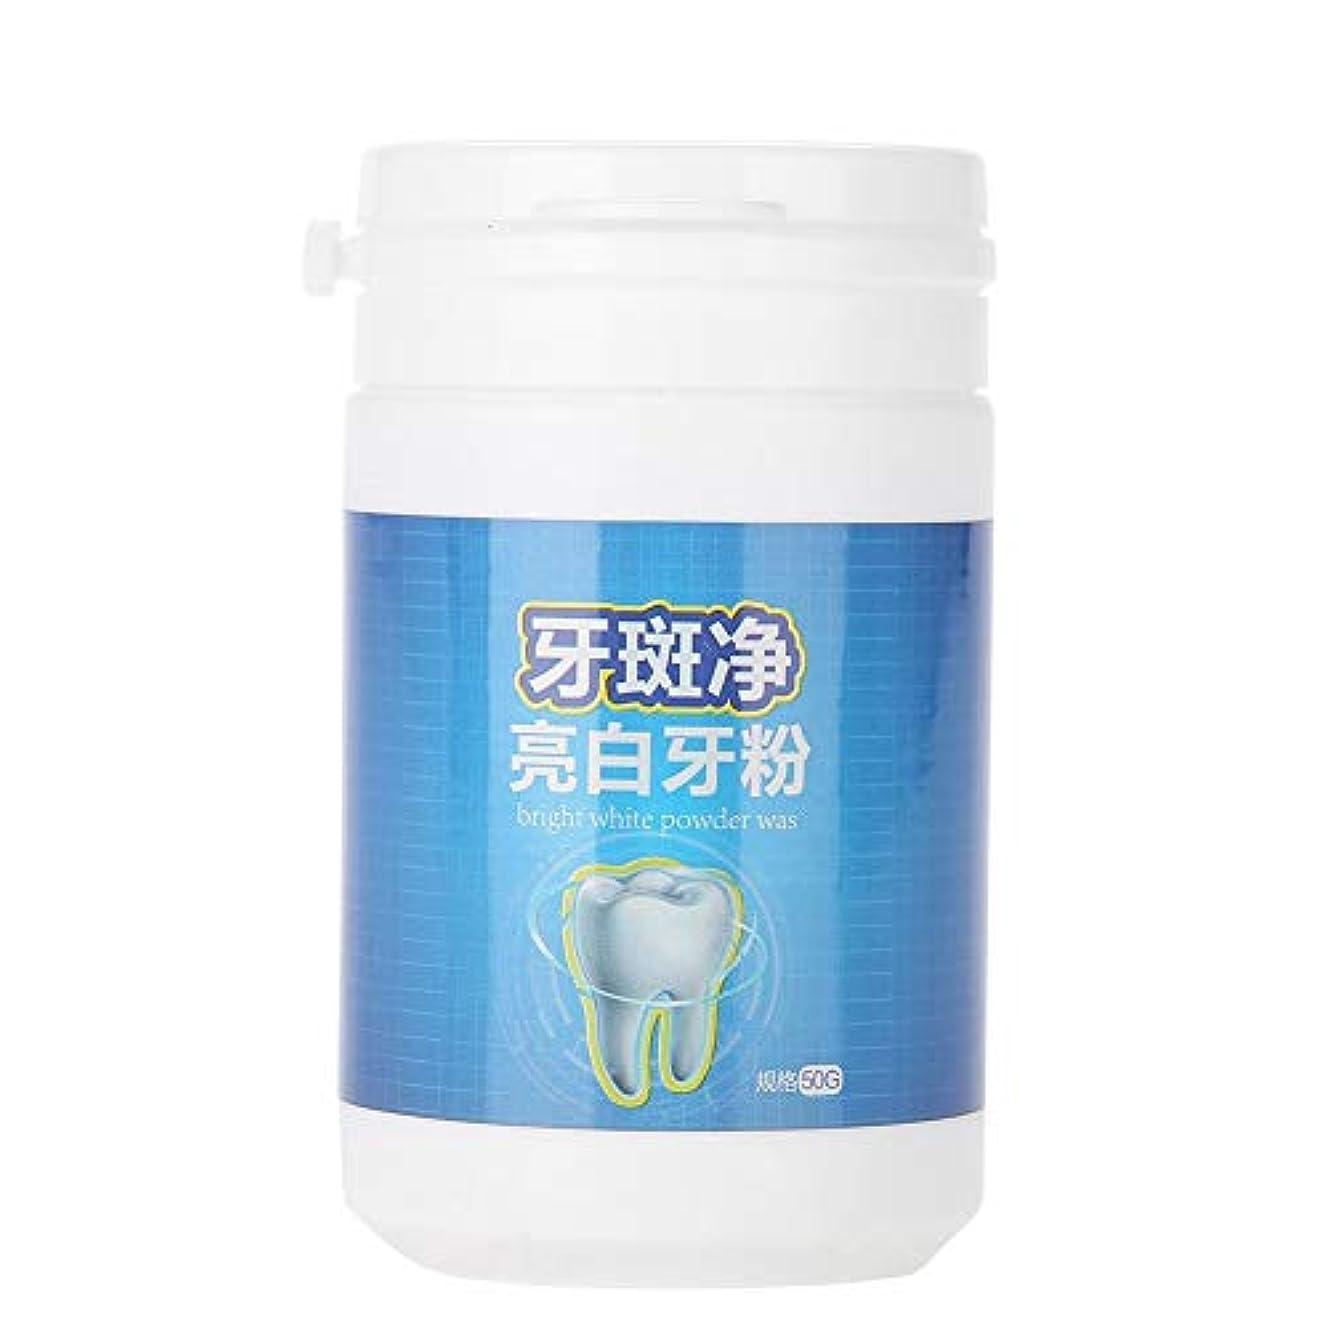 不利益武器粉茶コーヒーの汚れの口臭の取り外しの口腔ケアの粉を白くする口腔ケアの粉50gの歯